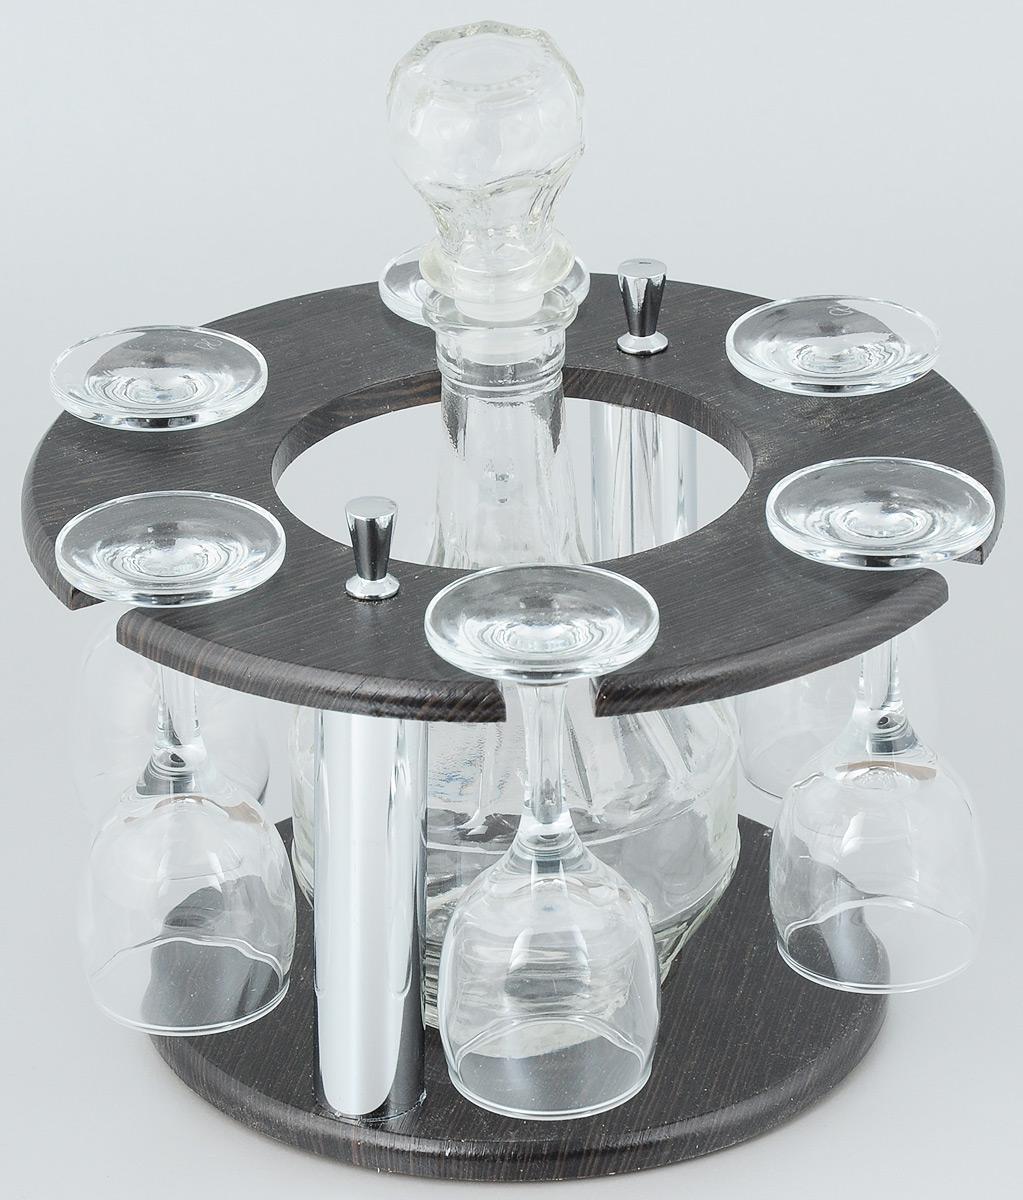 Набор рюмок Мусатов Кольцо, с графином, 8 предметовС213/2Набор Мусатов Кольцо состоит из 6 рюмок, графина и деревянной подставки. Рюмки и графин изготовлены из высококачественного натрий-кальций-силикатного стекла. Такой набор прекрасно дополнит праздничный стол и станет желанным подарком в любом доме. Рюмки и графин разрешается мыть в посудомоечной машине. Диаметр рюмки: 4,3 см. Высота рюмки: 11 см.Диаметр основания: 5 см.Диаметр графина (по верхнему краю): 2 см.Высота графина: 17 см. Диаметр подставки: 22 см. Высота подставки: 13 см.Объем графина: 500 мл.Объем рюмки: 134 мл.